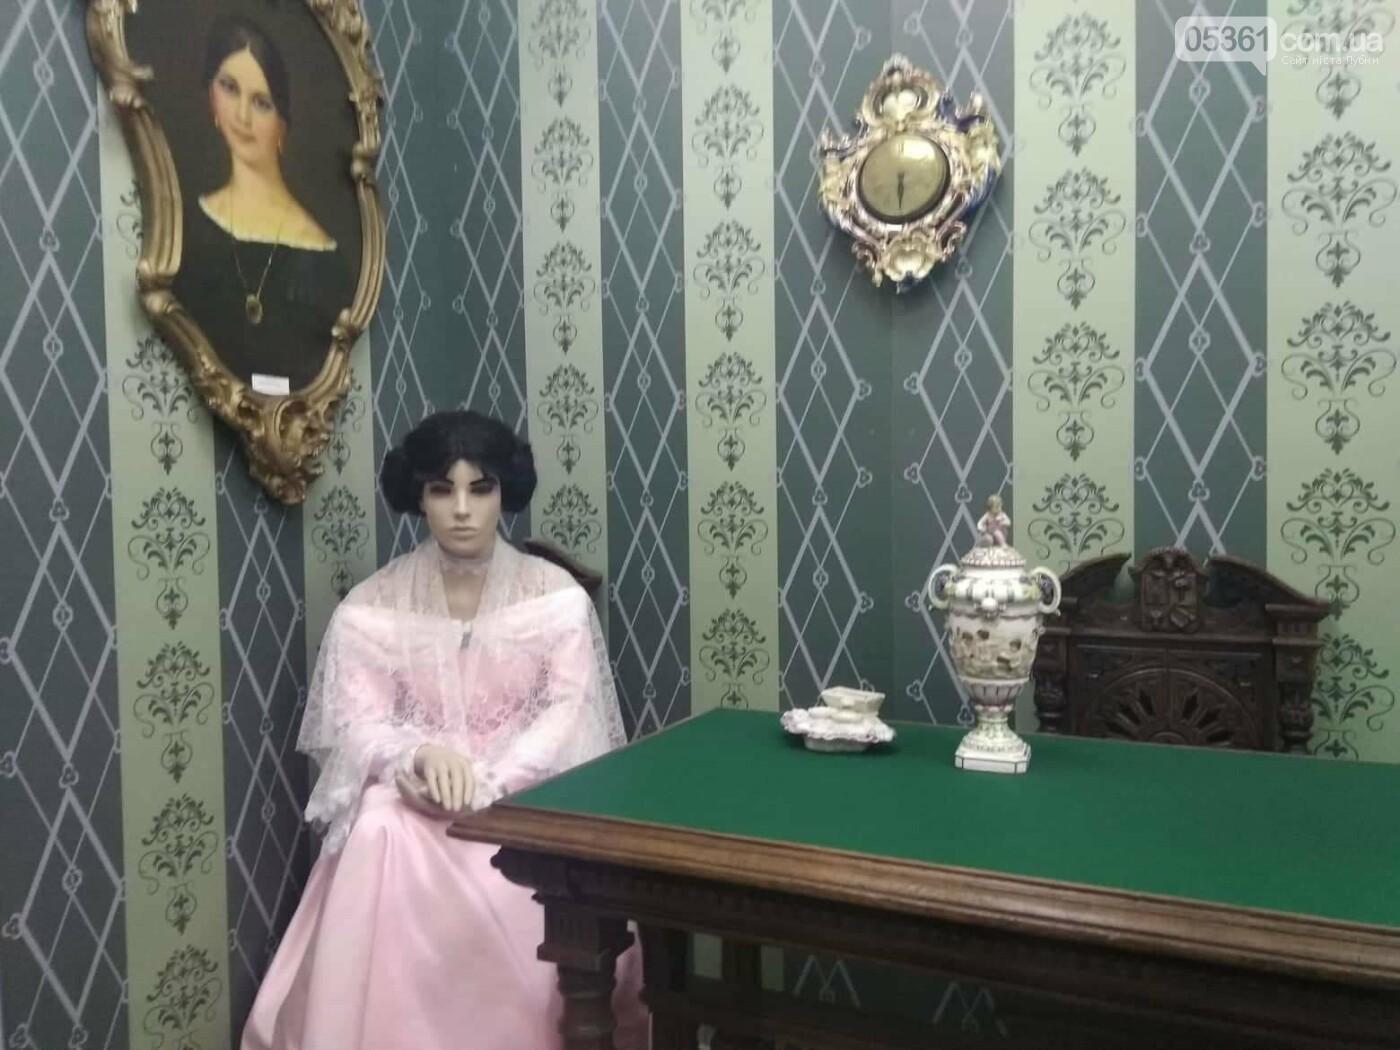 Інсталяція Анна Керн в Лубенському краєзнавчому музеї